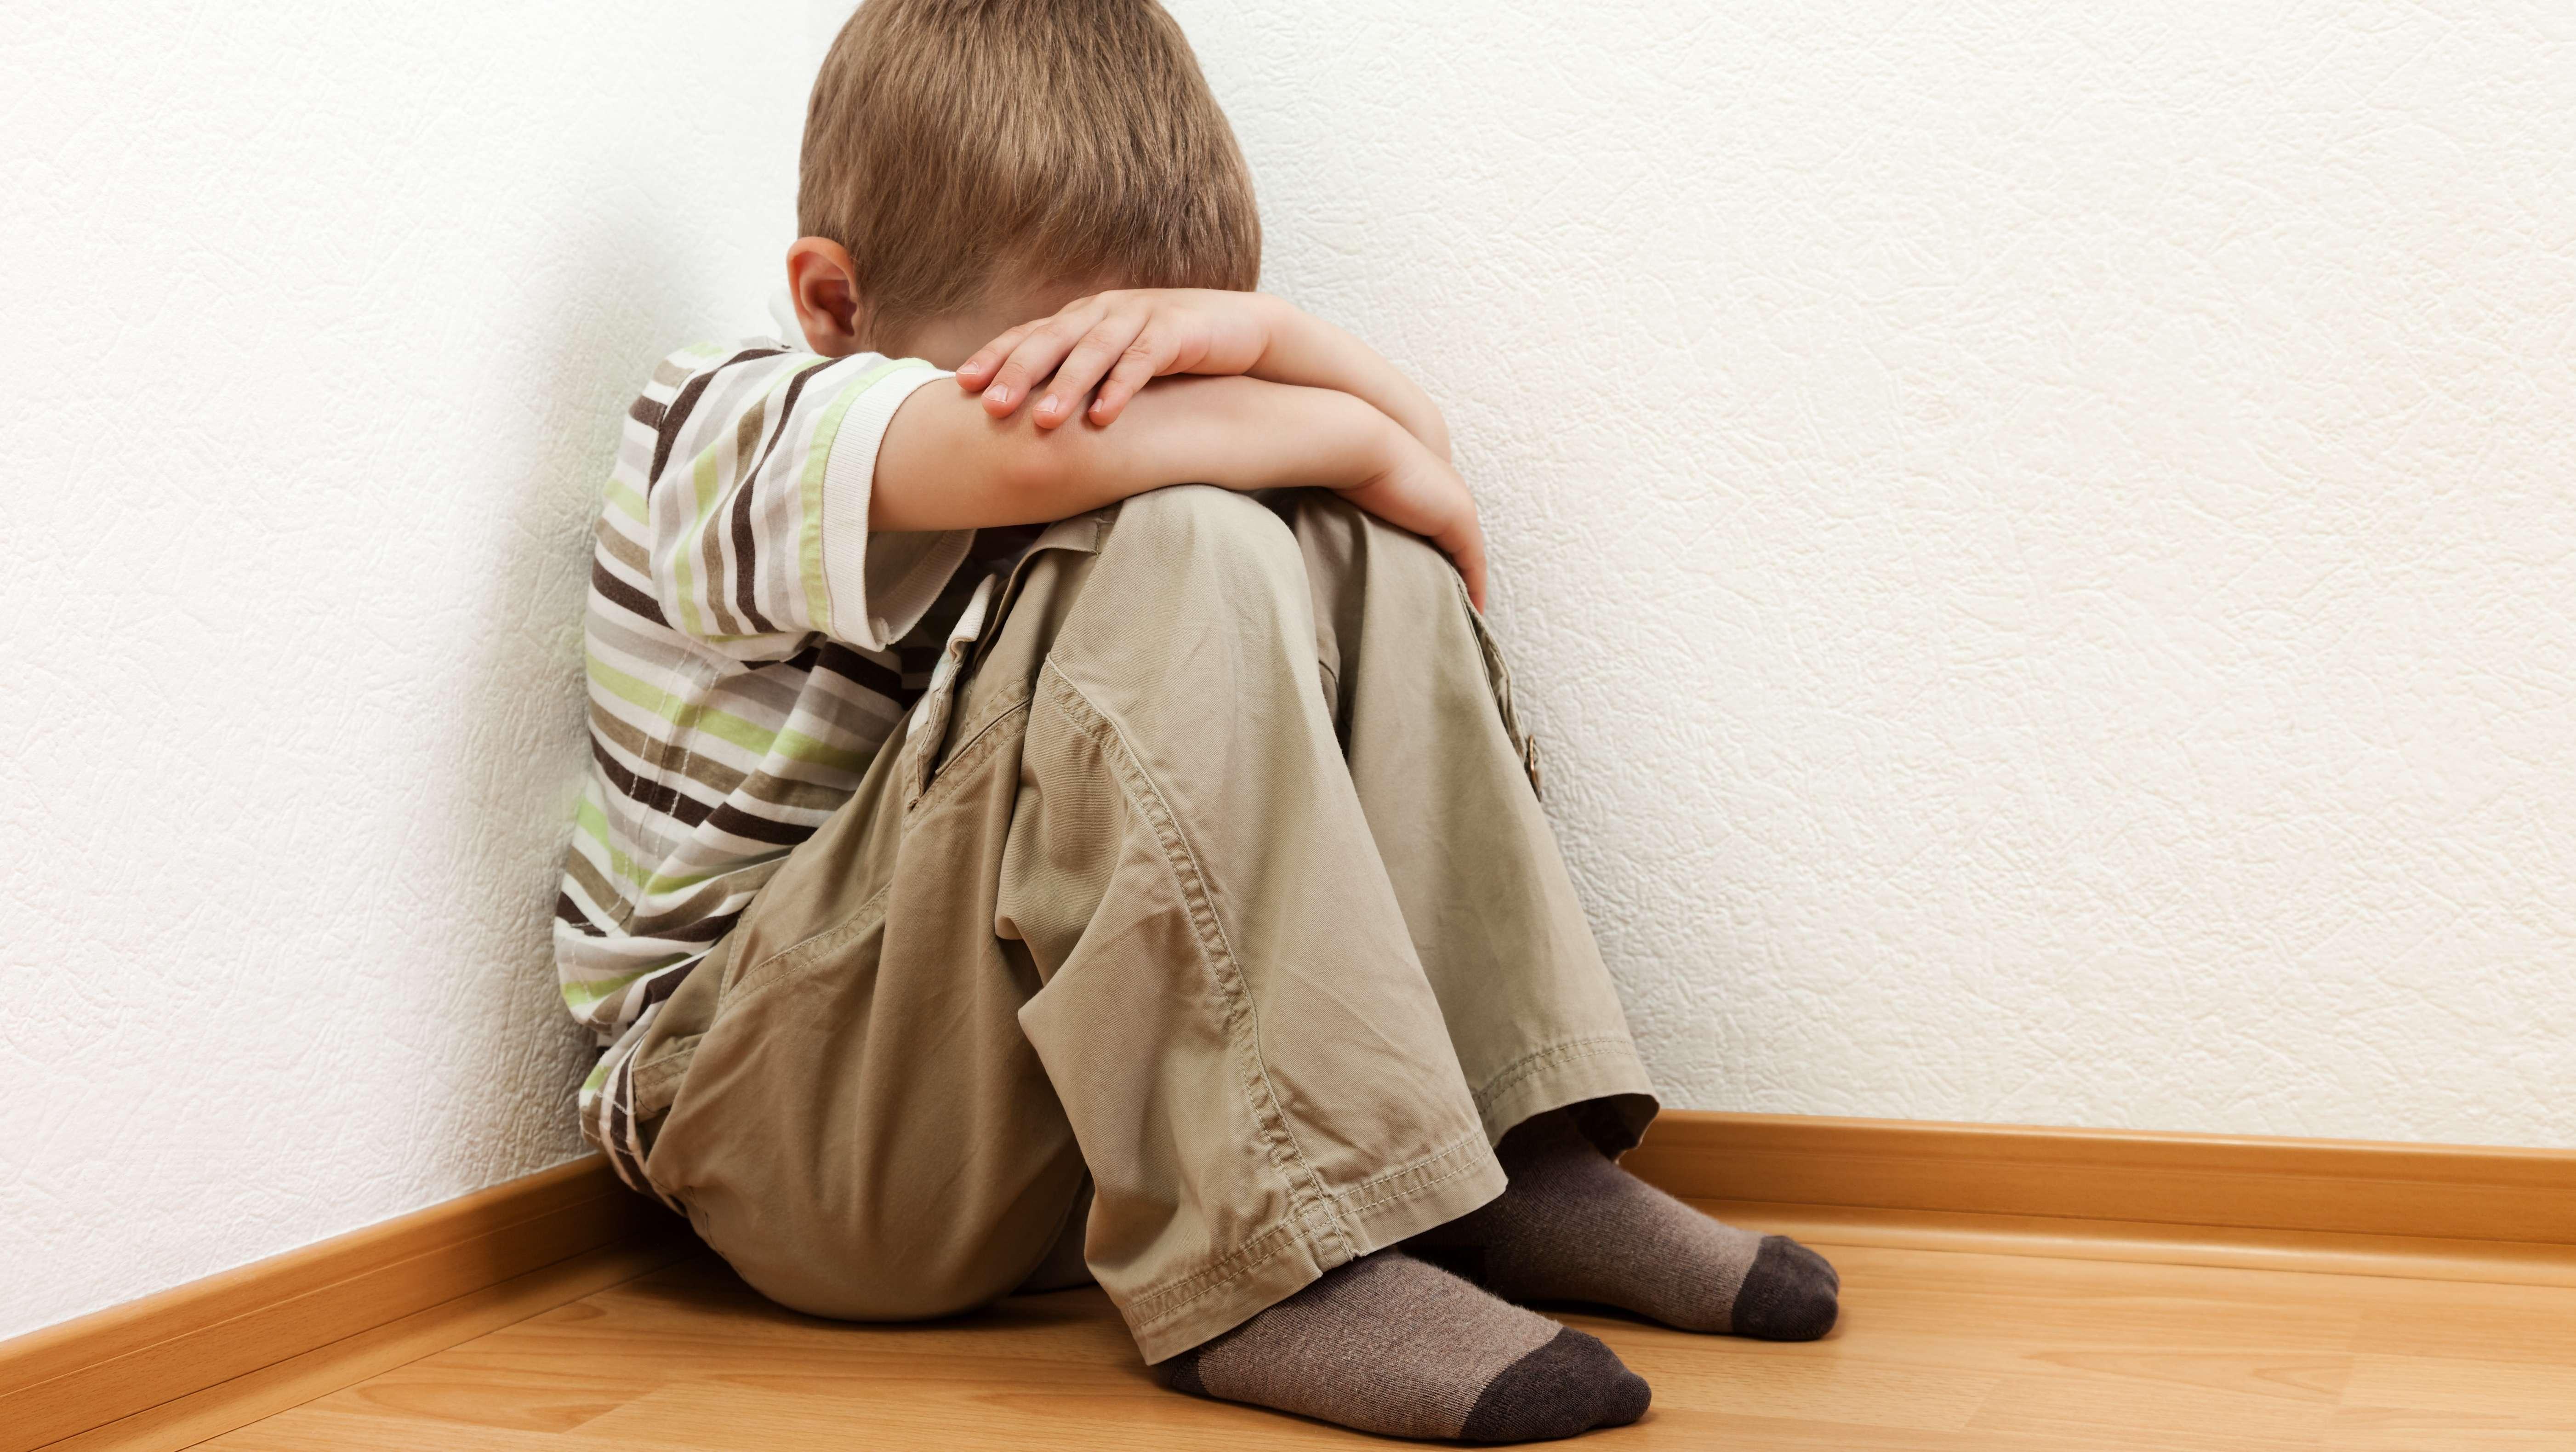 Ein Kind hat seinen Kopf hinter seinen Armen versteckt